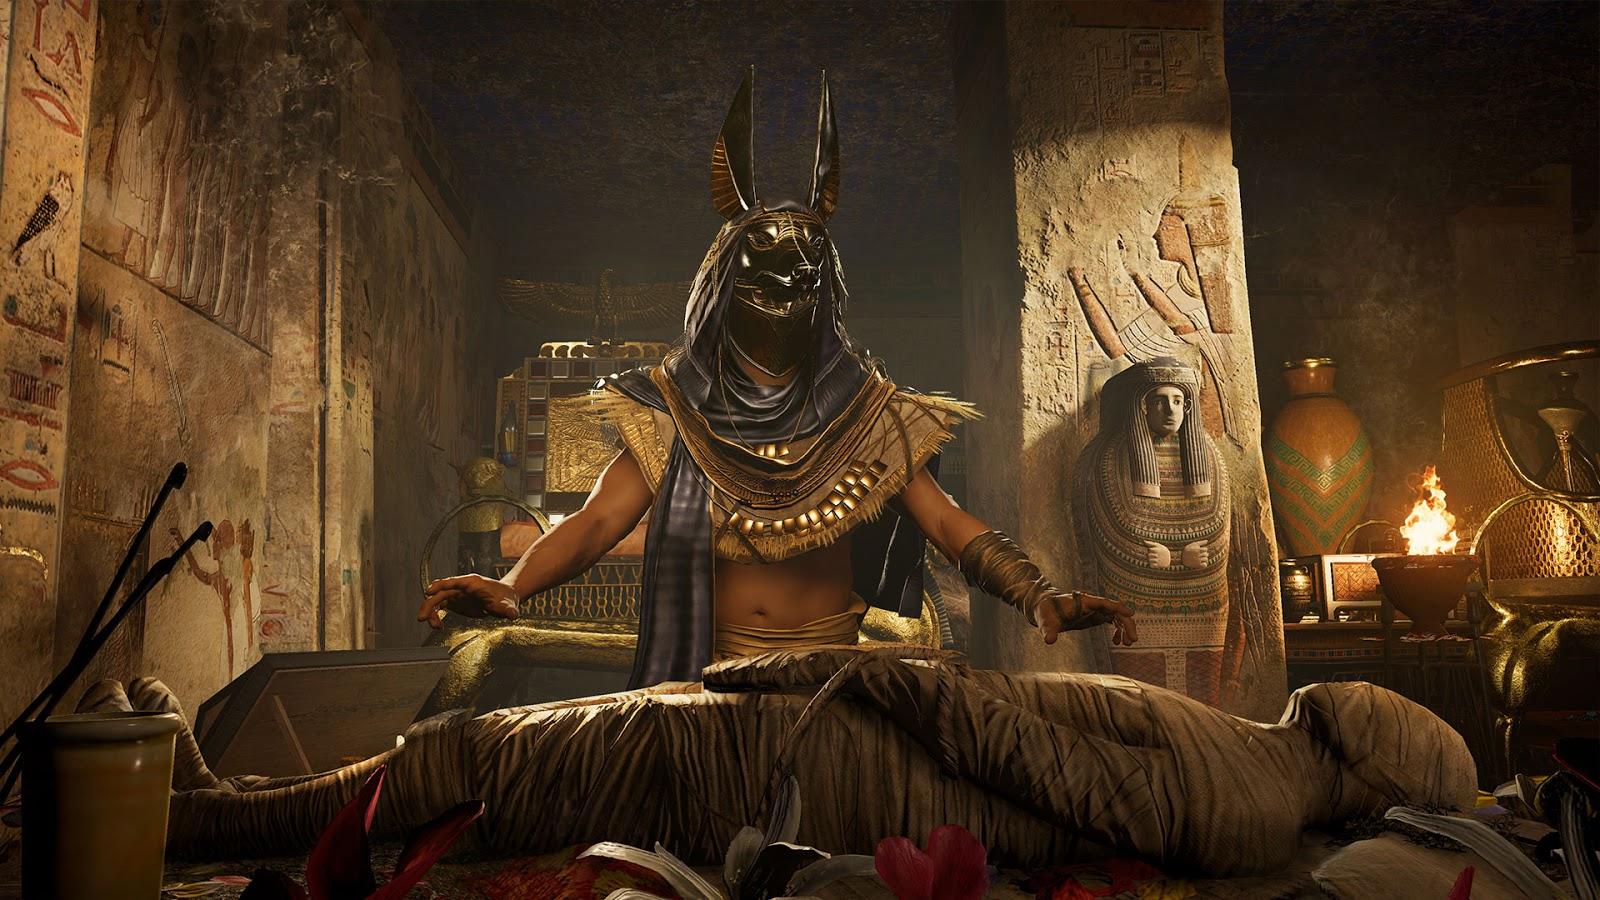 تحميل لعبة Assassin's Creed Origins مع الترجمة العربية كاملة 4